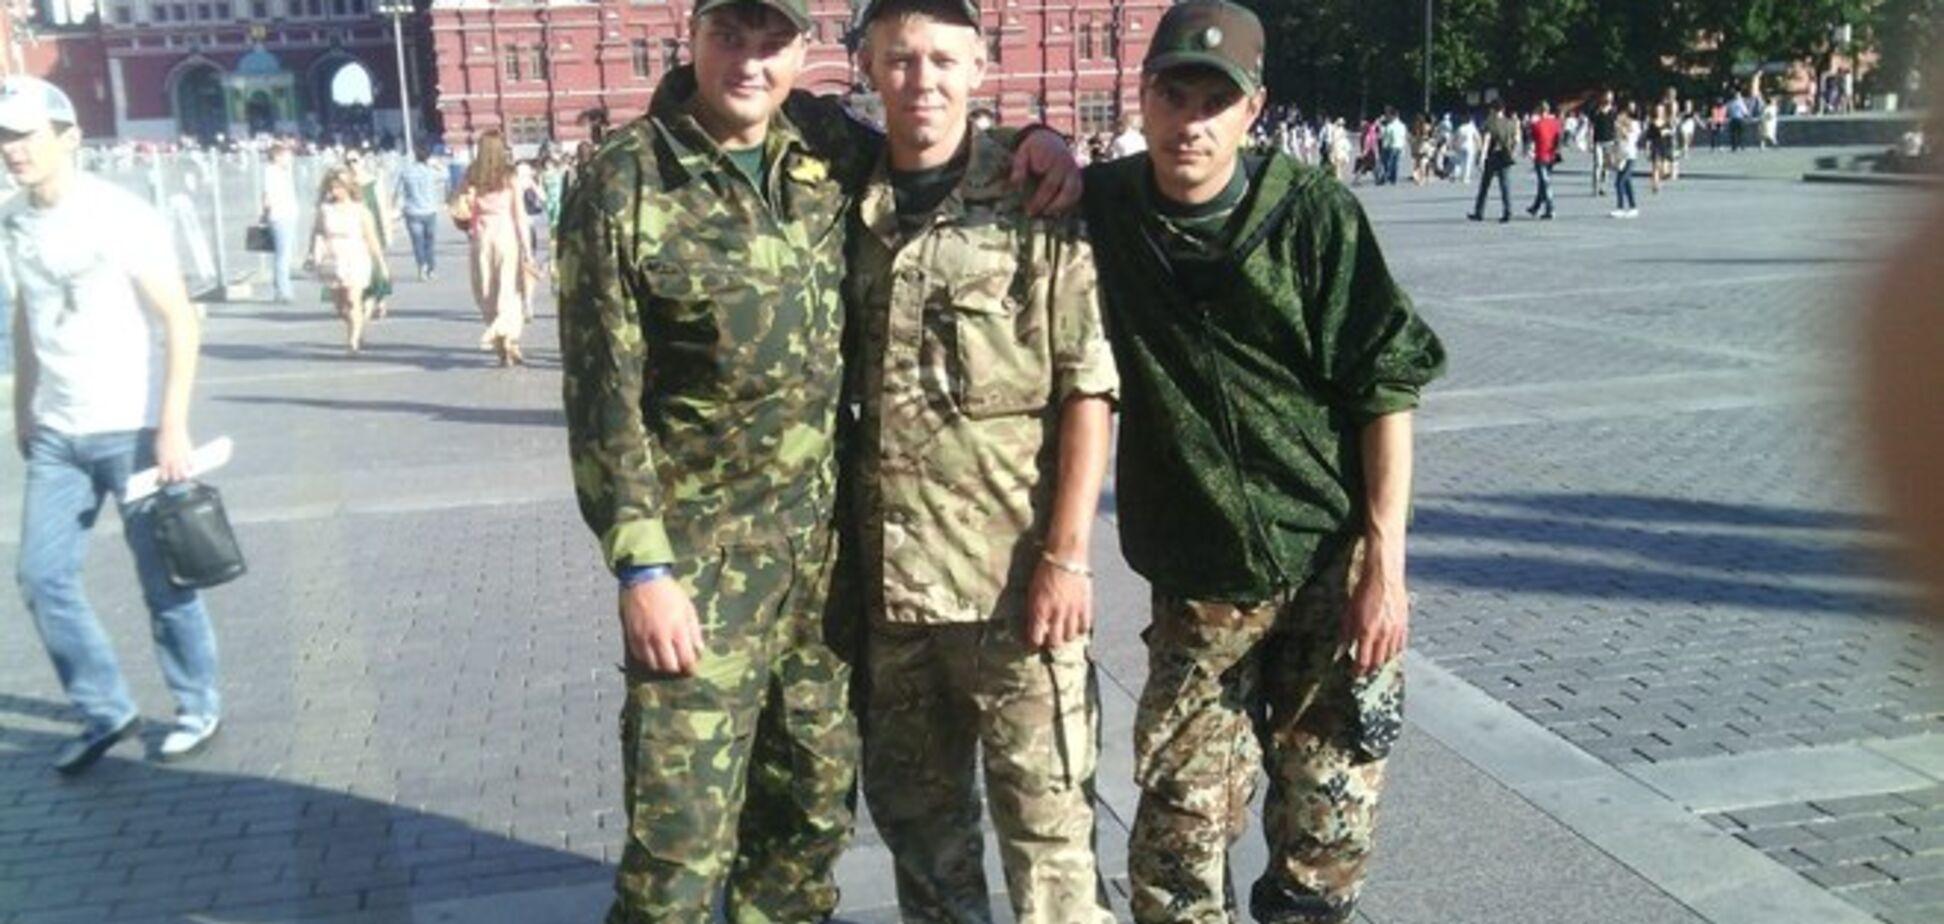 Новое подразделение террористов 'ВВС Новороссии' тренируют 'бомбометателей' на базе в Подмосковье